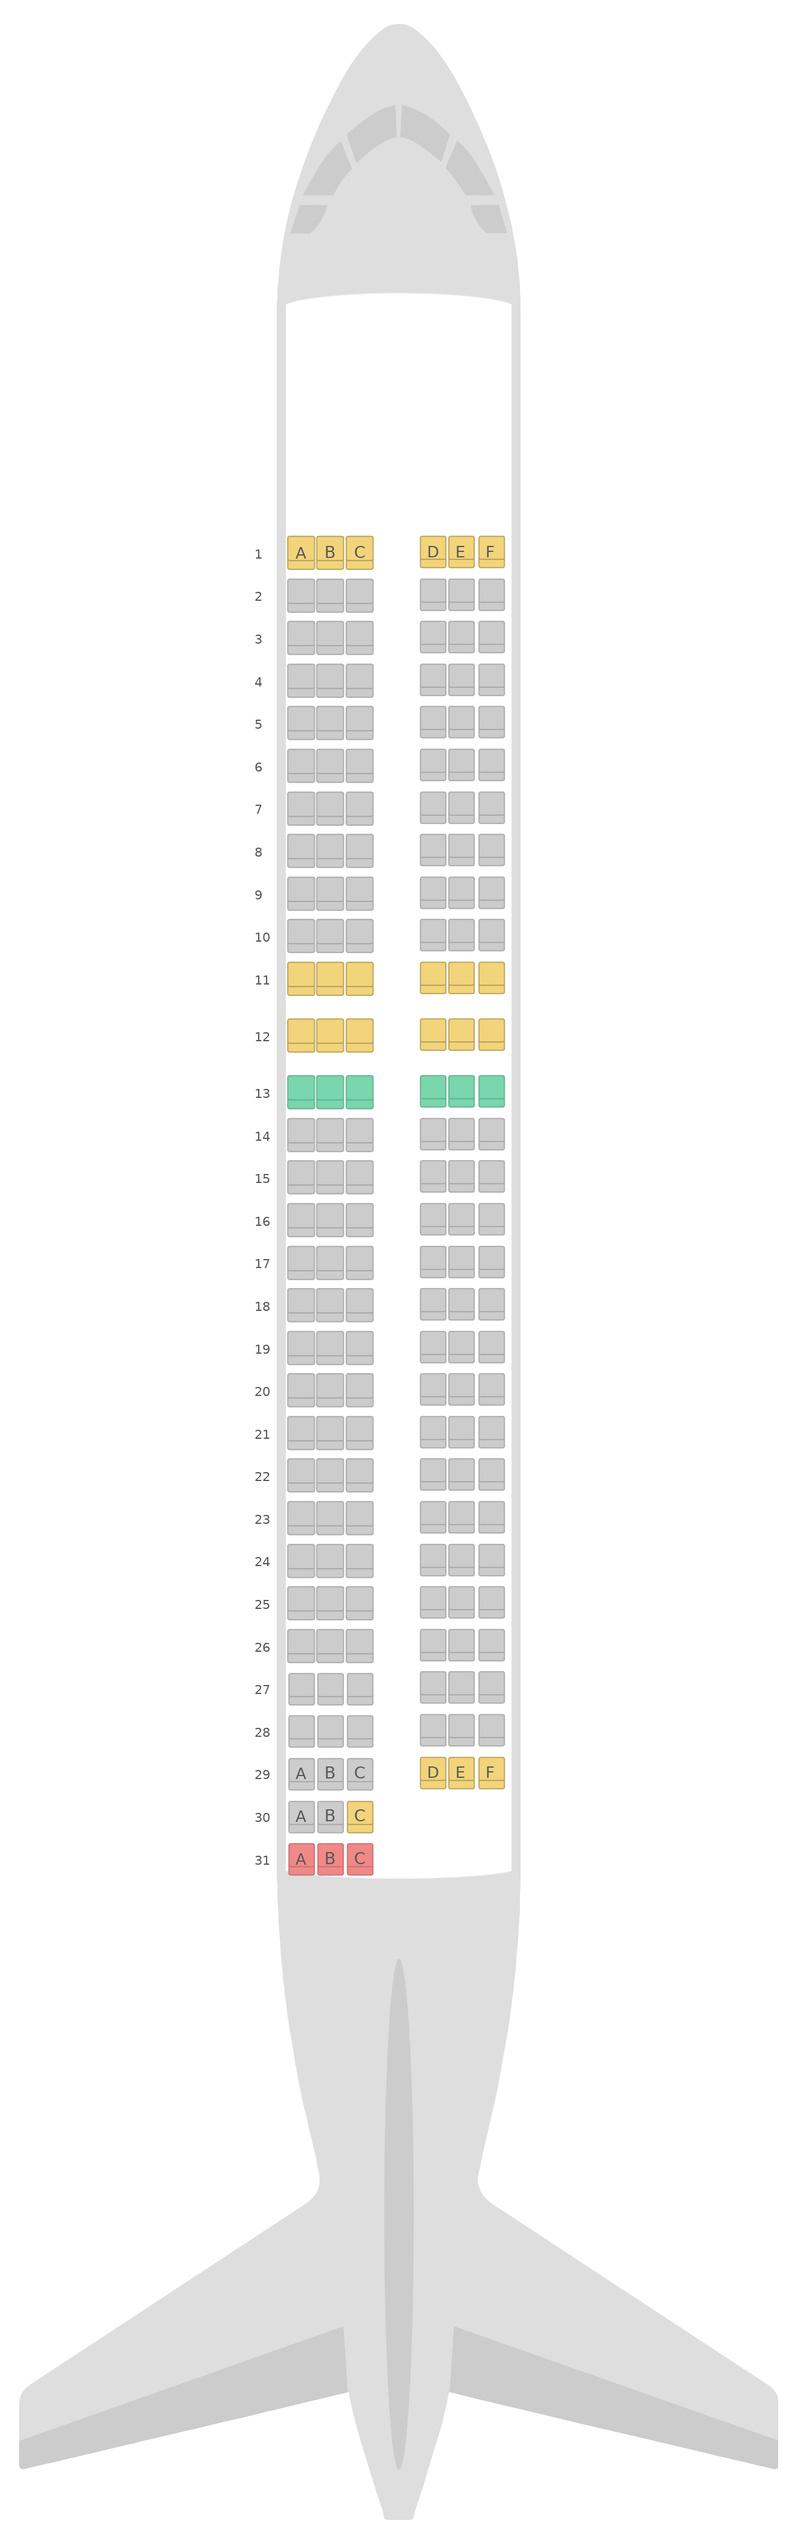 Sitzplan Airbus A320 v1 EasyJet